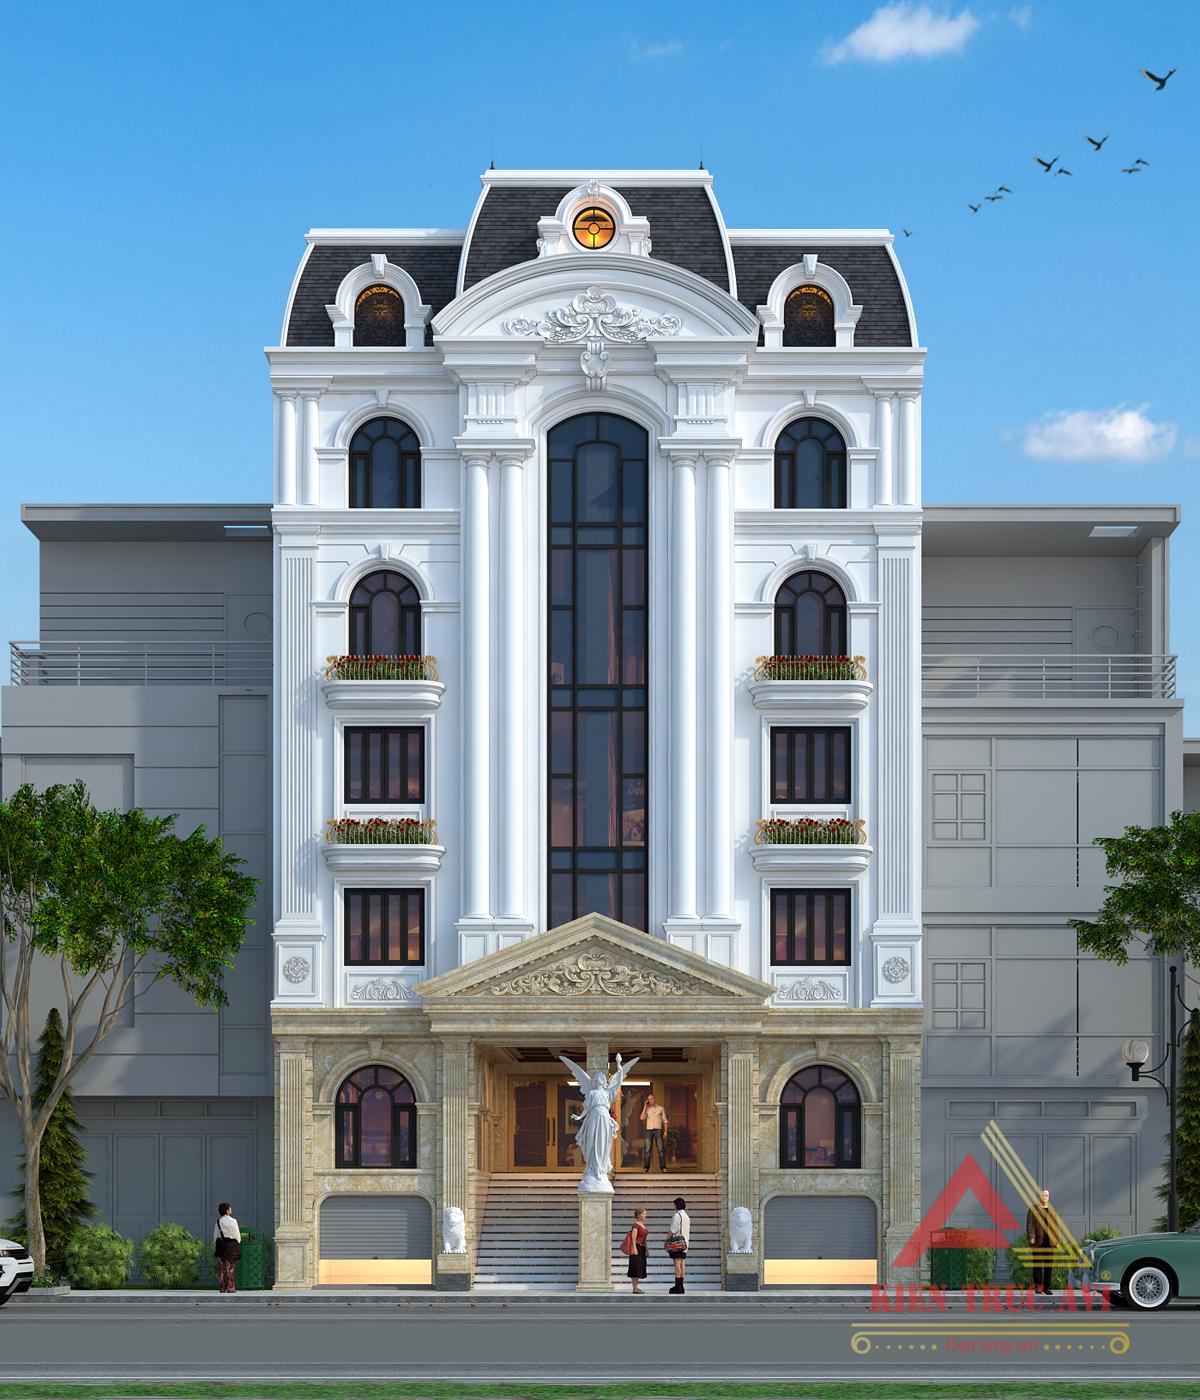 Thiết kế tòa nhà văn phòng kiến trúc pháp